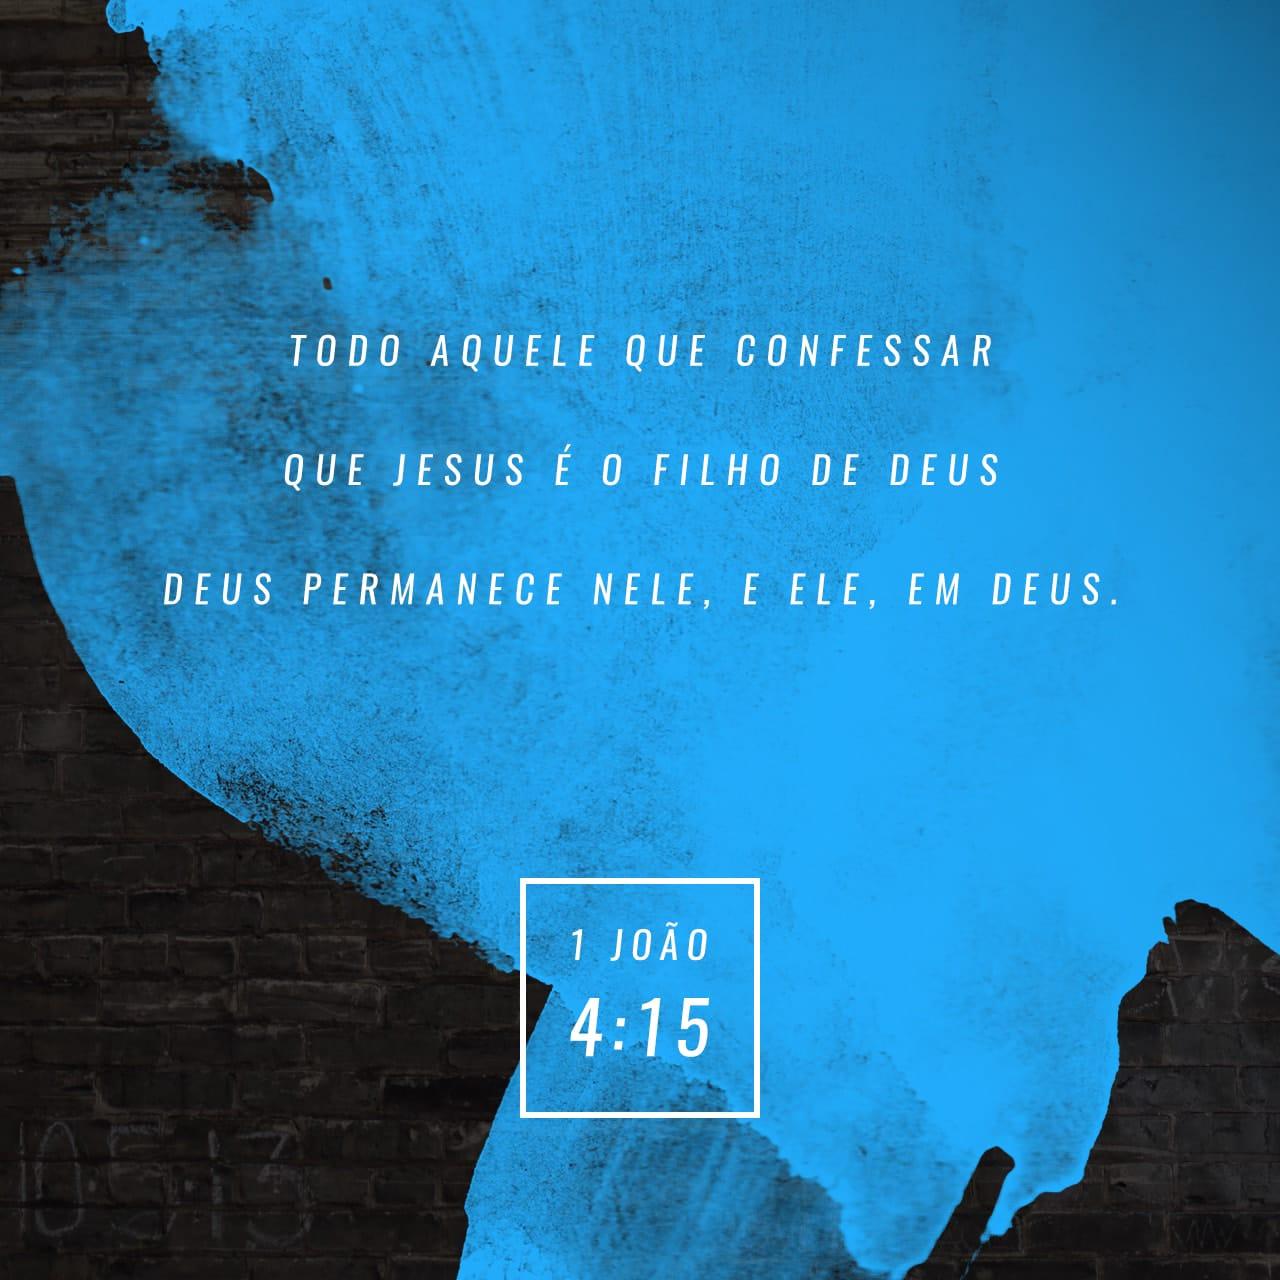 1 João 4:15 Se alguém confessa publicamente que Jesus é o Filho de Deus, Deus permanece nele, e ele em Deus.   Nova Versão Internacional Português (NVI-P)   Baixar o App da Bíblia agora